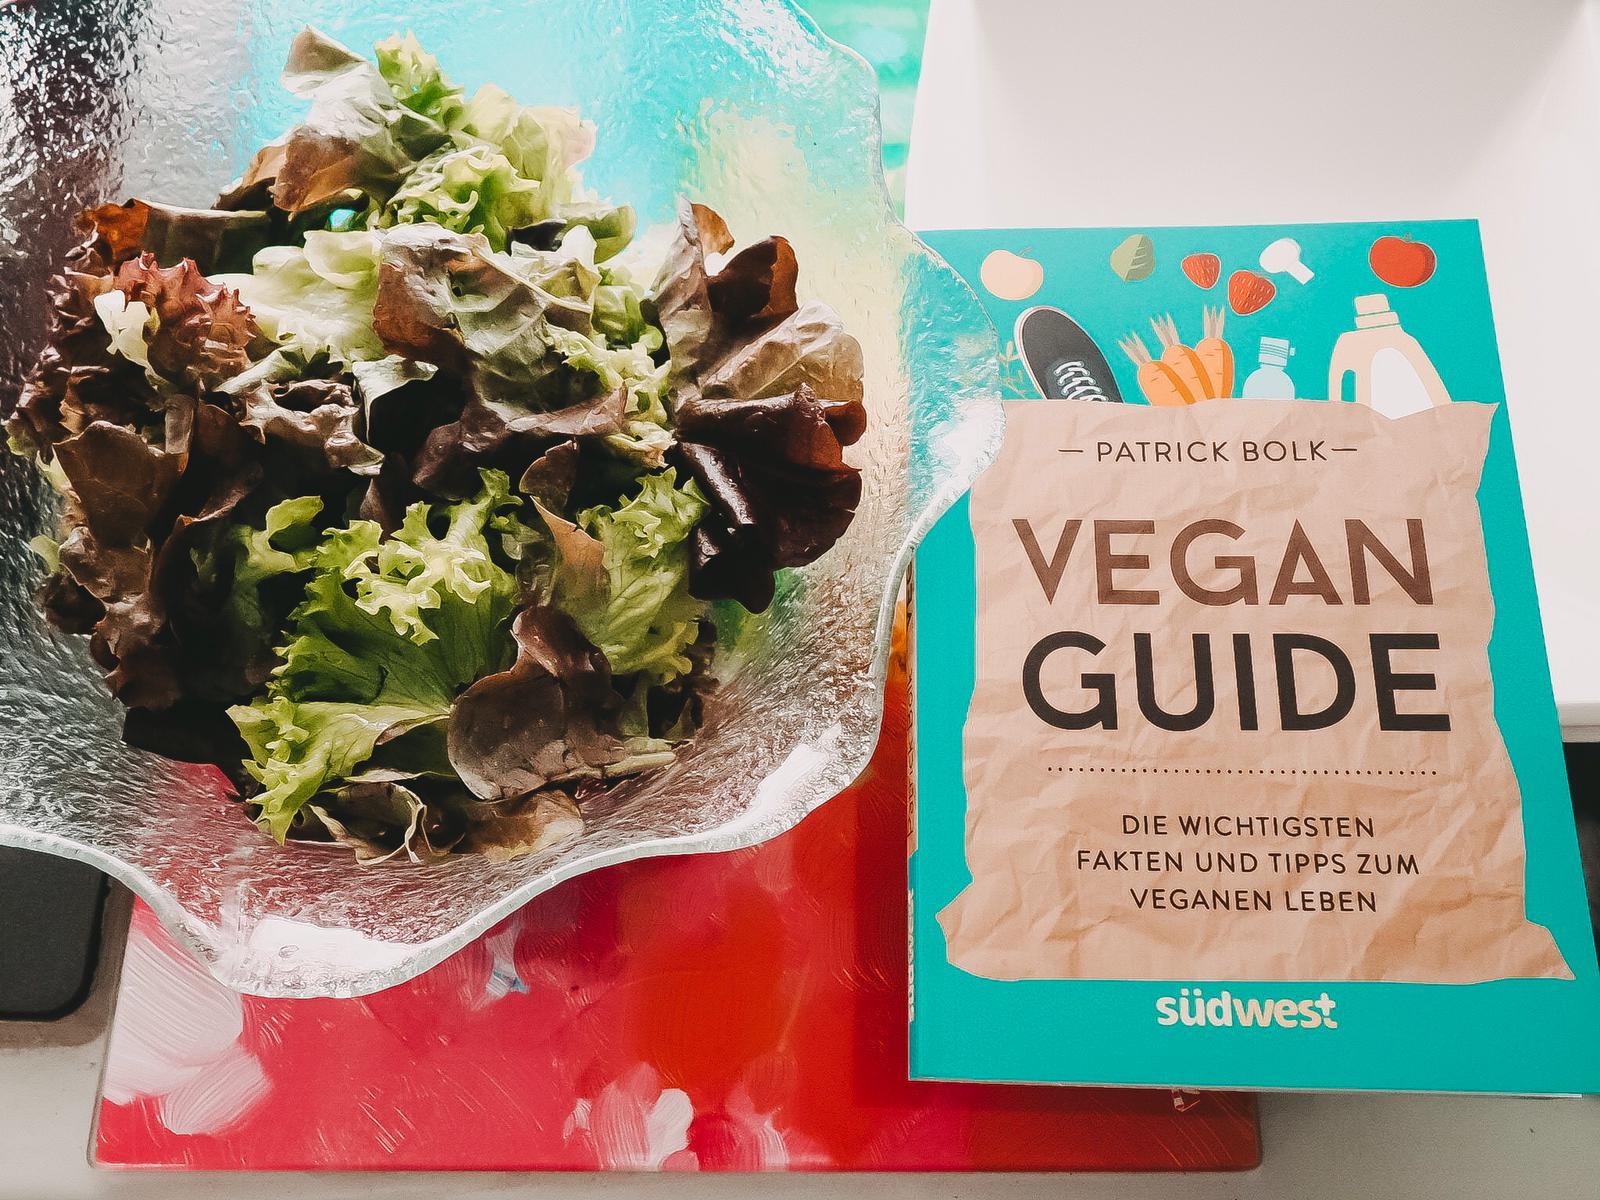 Im Ratgeber Vegan Guide führt Patrick Bolk in die vegane Ernährungs- und Lebensweise ein. Hier findet man Infos, die das vegane Leben leichter machen.